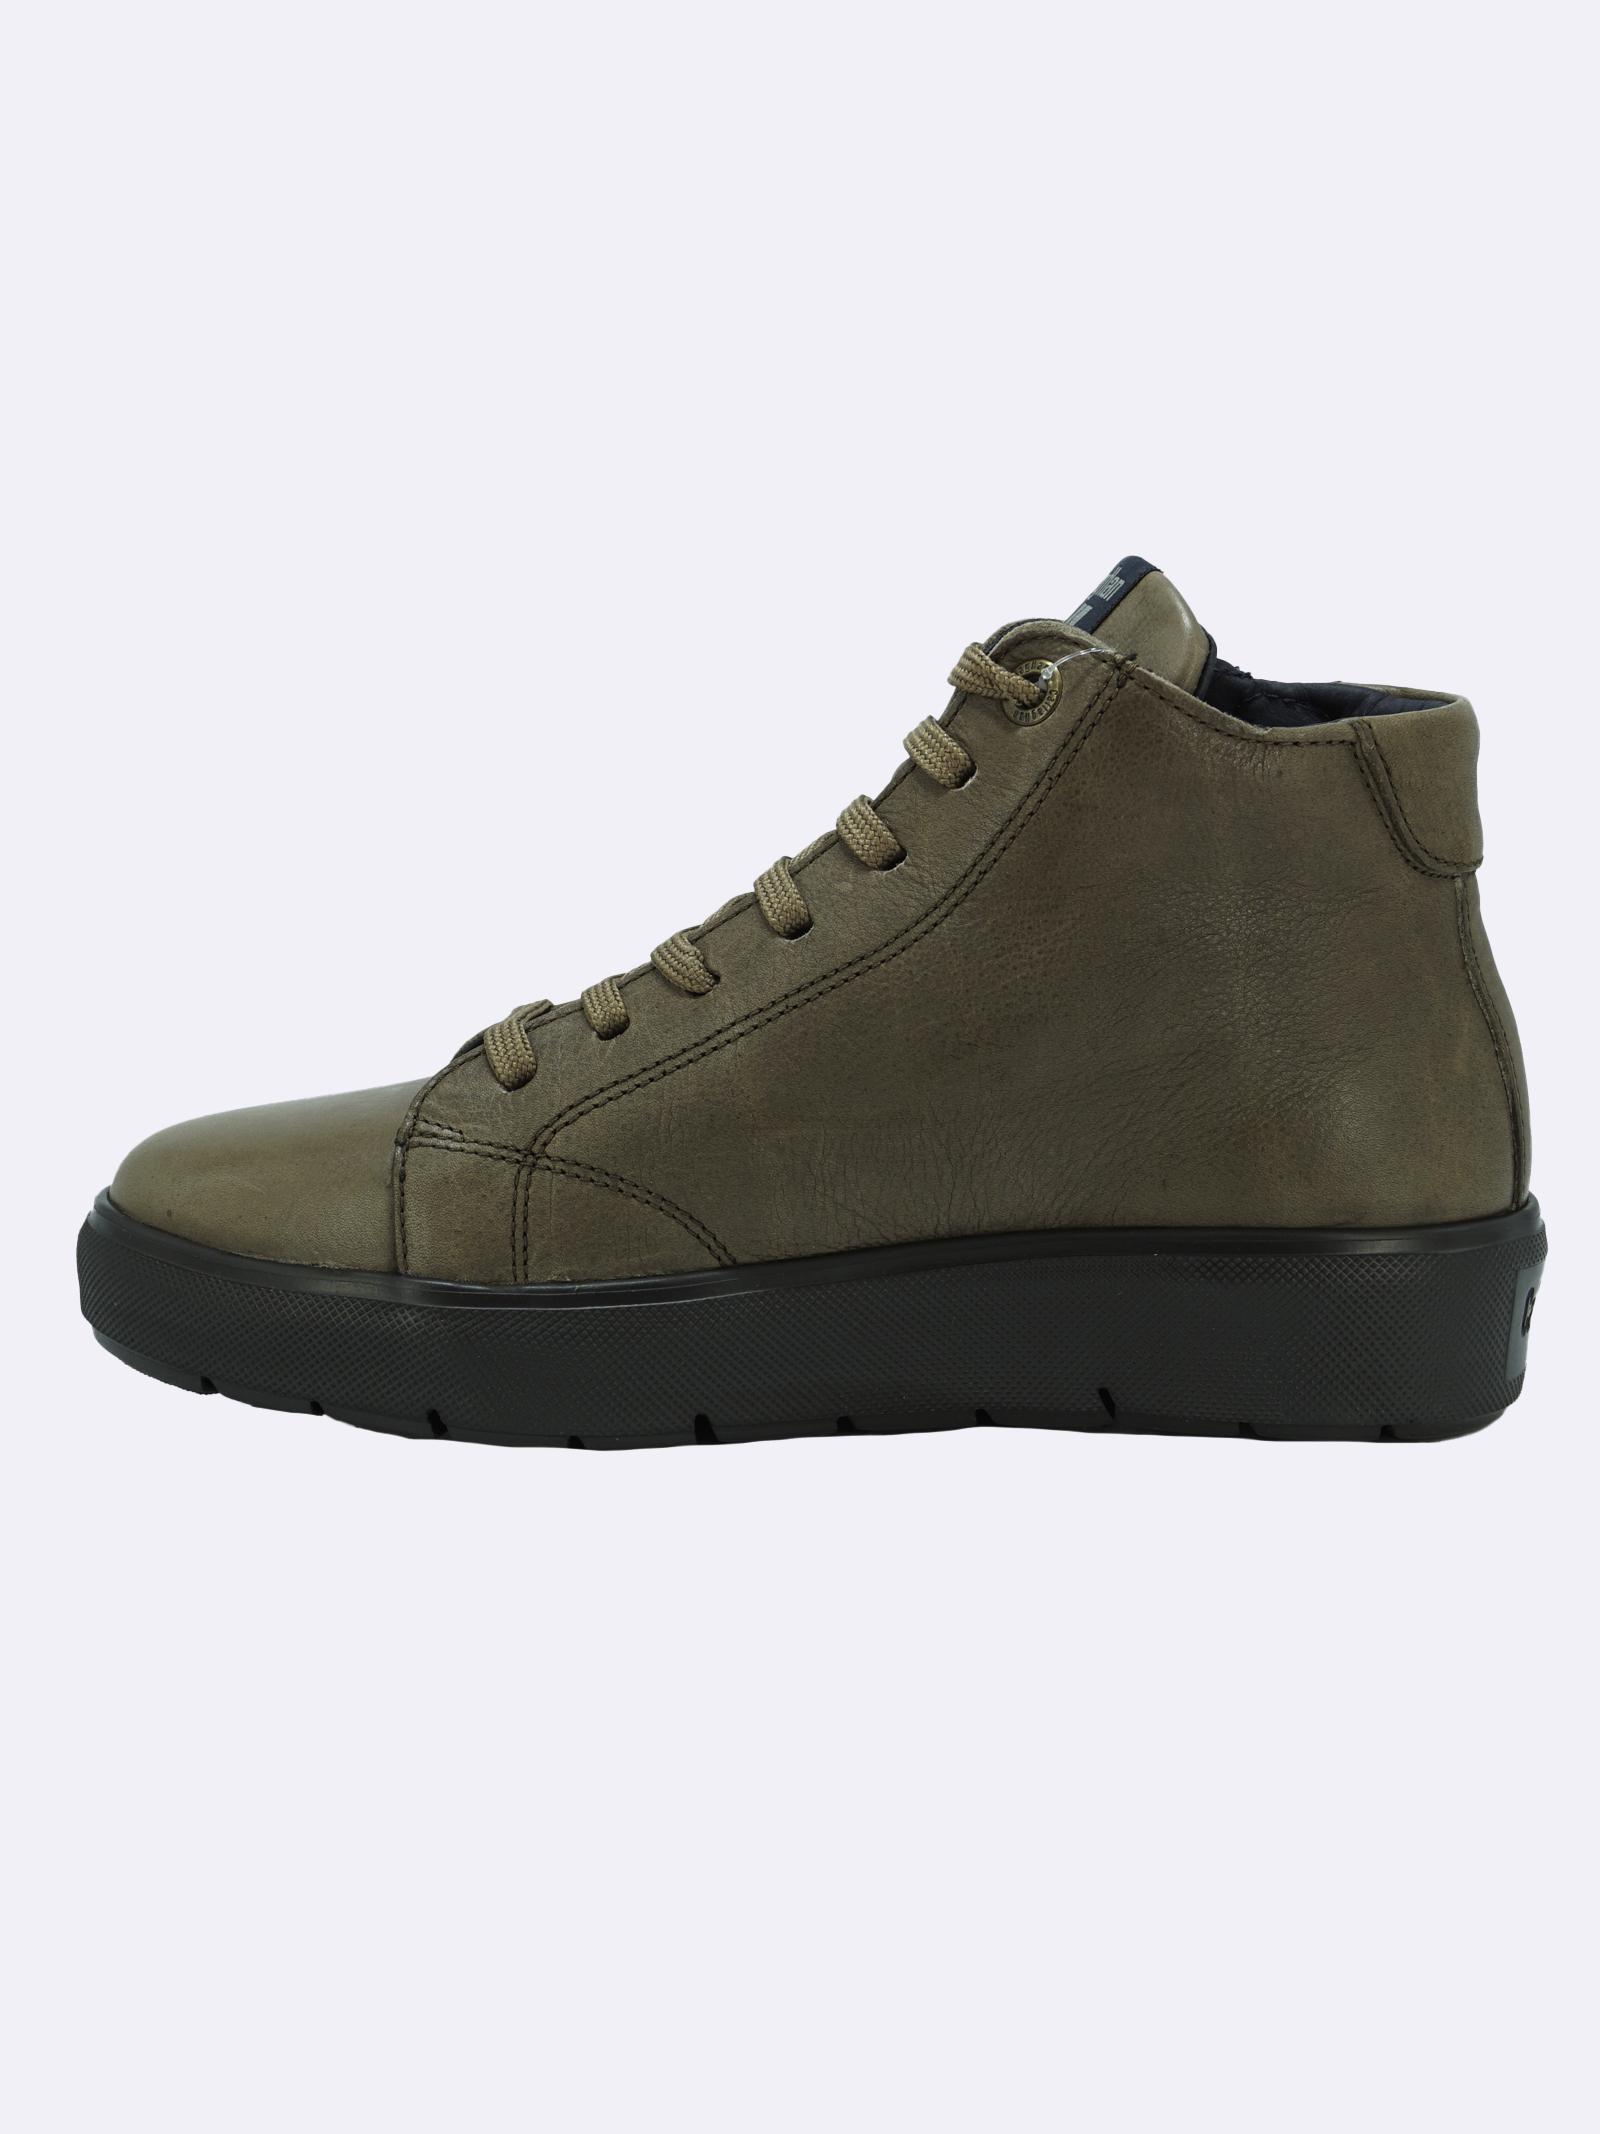 Stivaletto Sneakers Uomo in Pelle Pietra con Lacci e Zip Callaghan   Stivaletti   45510PIETRA